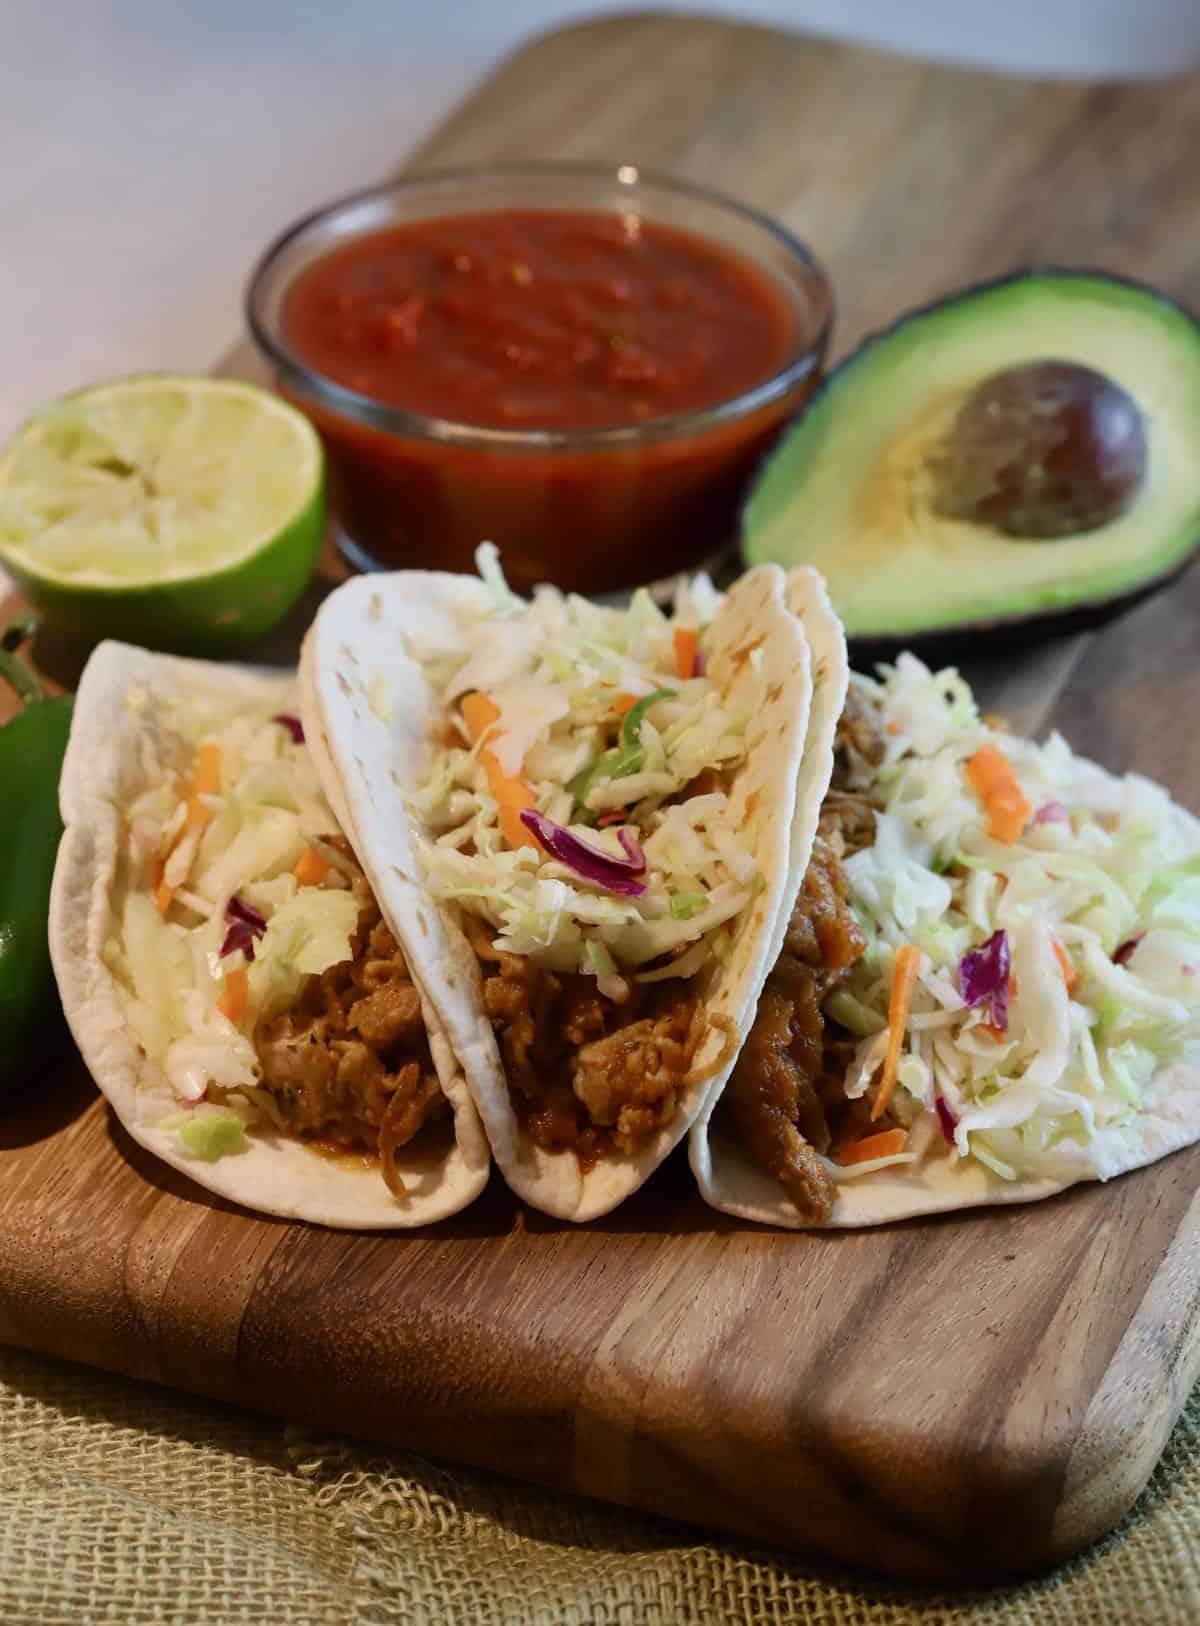 Three pork tacos on a wooden cutting board.